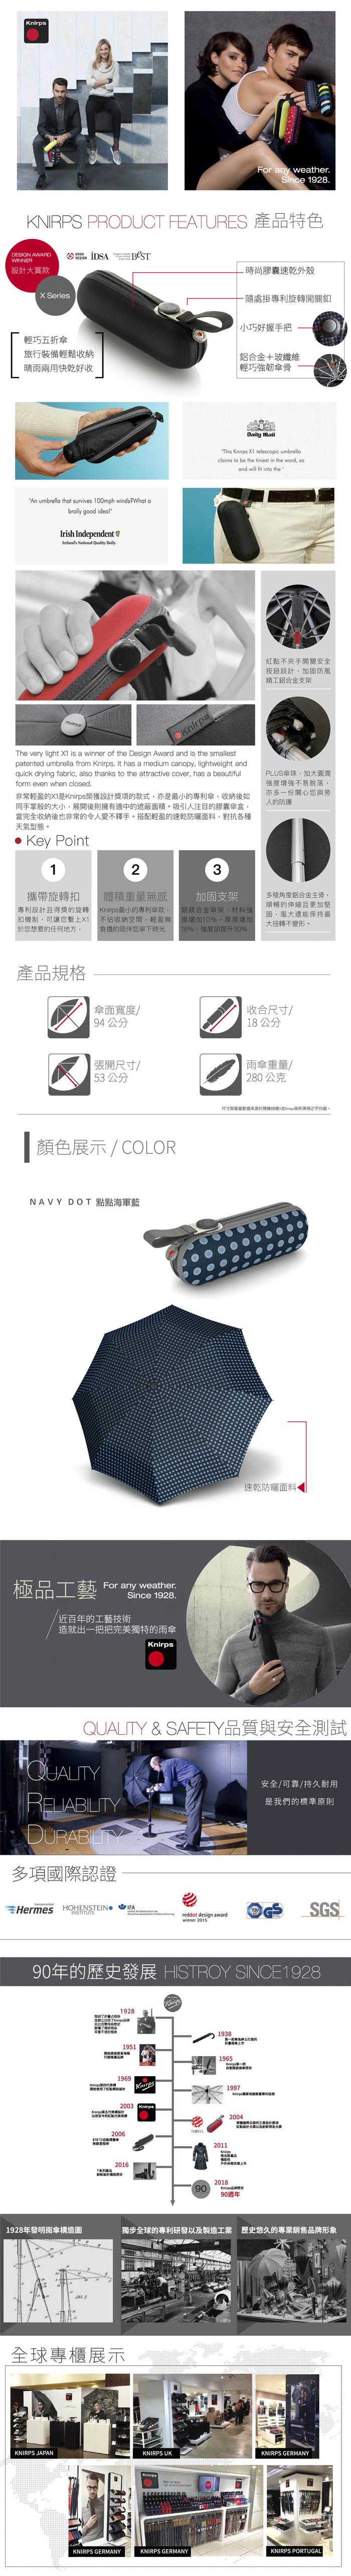 (複製)(複製)Knirps德國紅點傘|X1 膠囊五折傘-Dark Grey